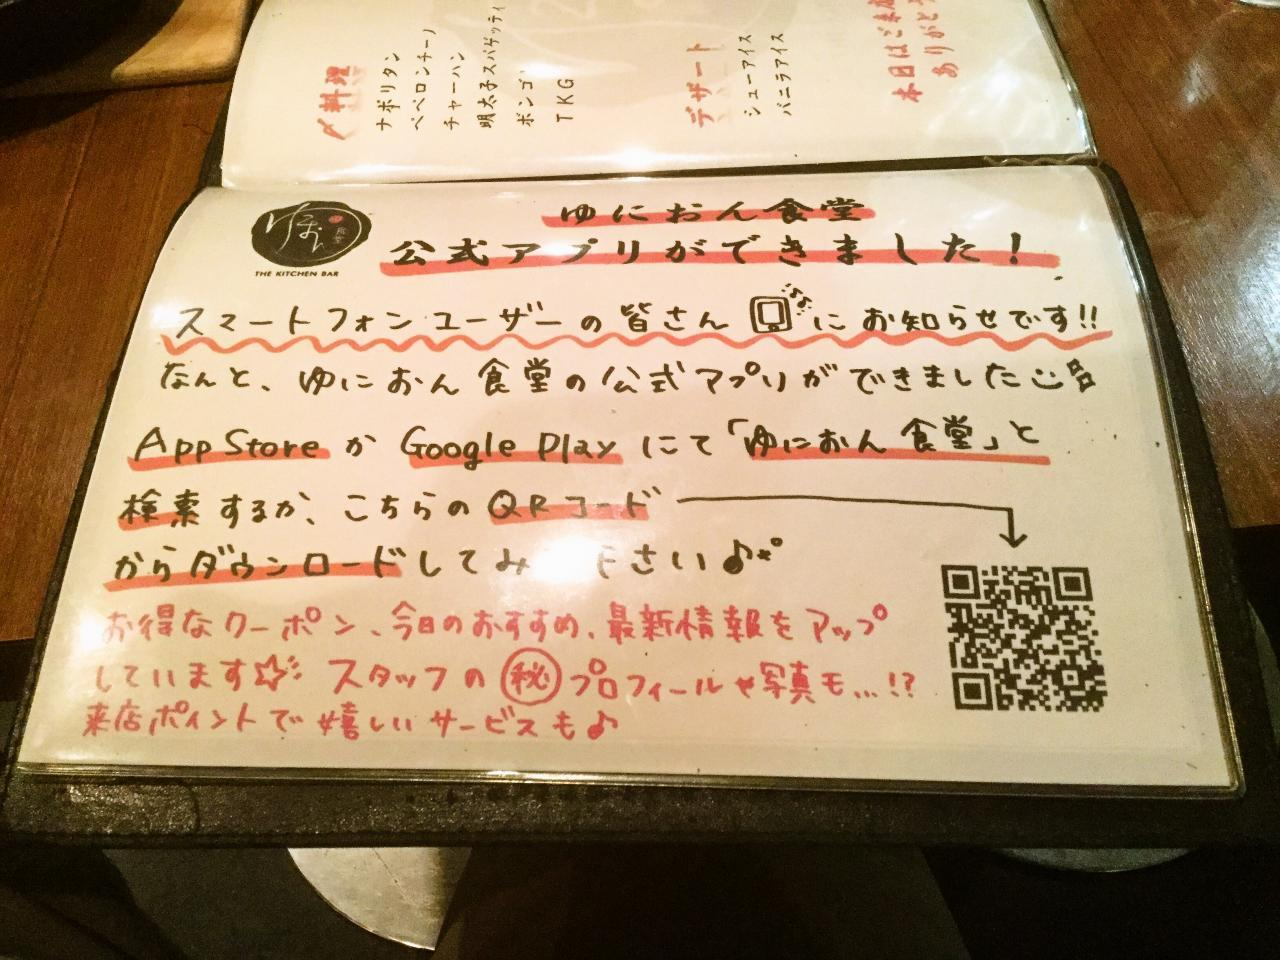 ゆにおん食堂(アプリ)